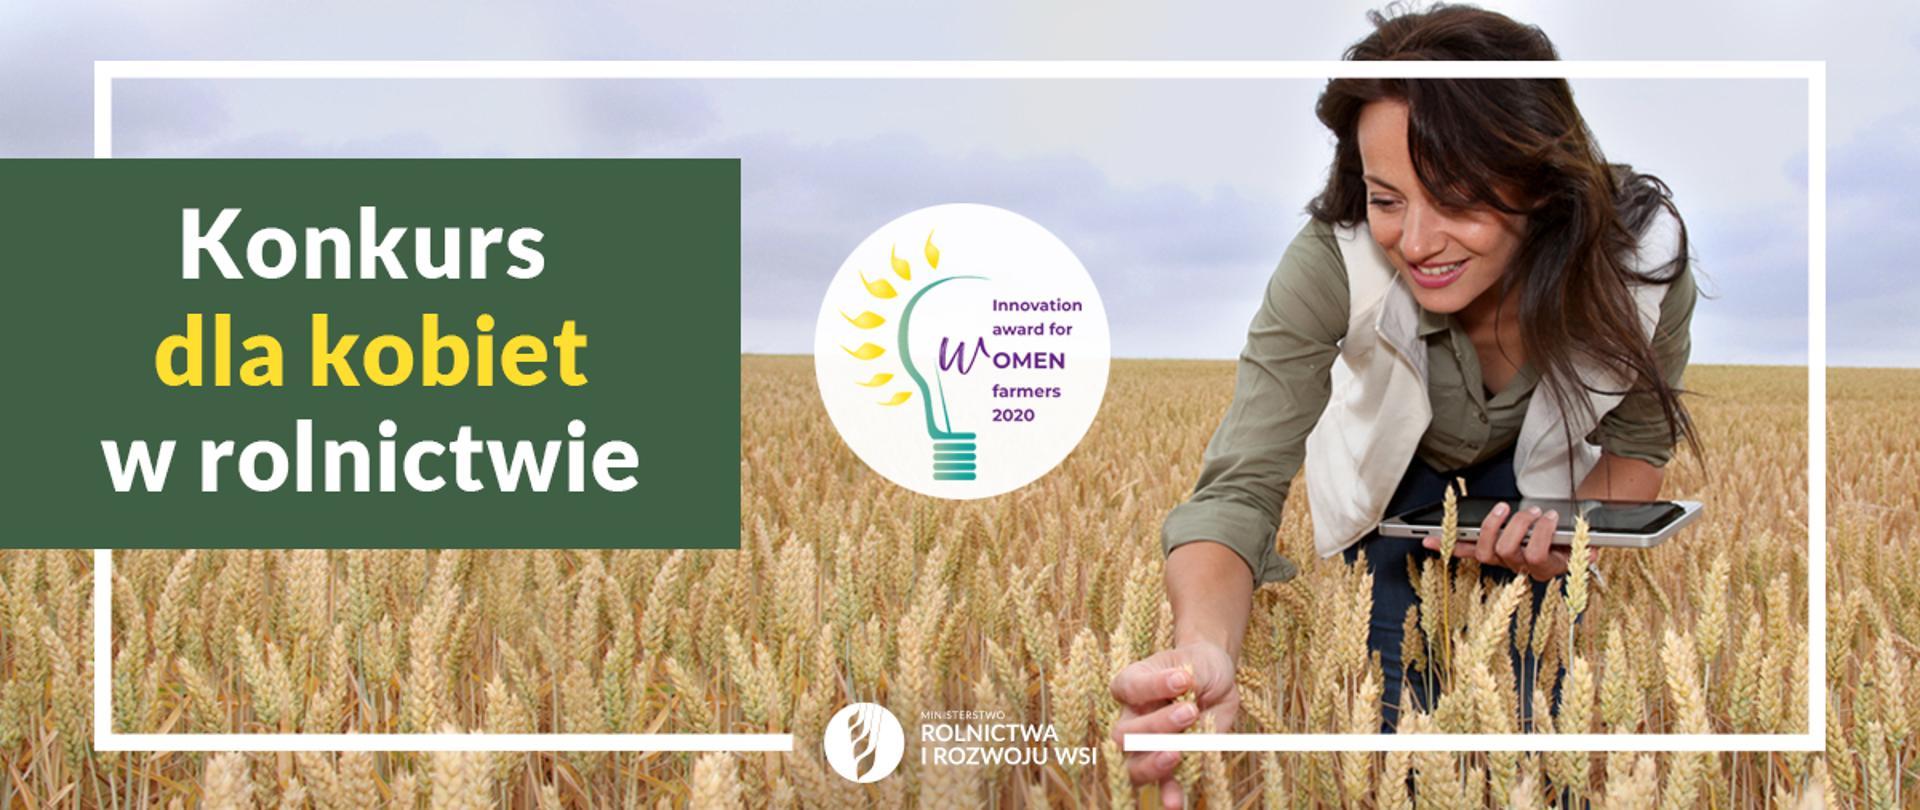 Zachęcamy do udziału w konkursie The Innovation Award for Women Farmers 2020